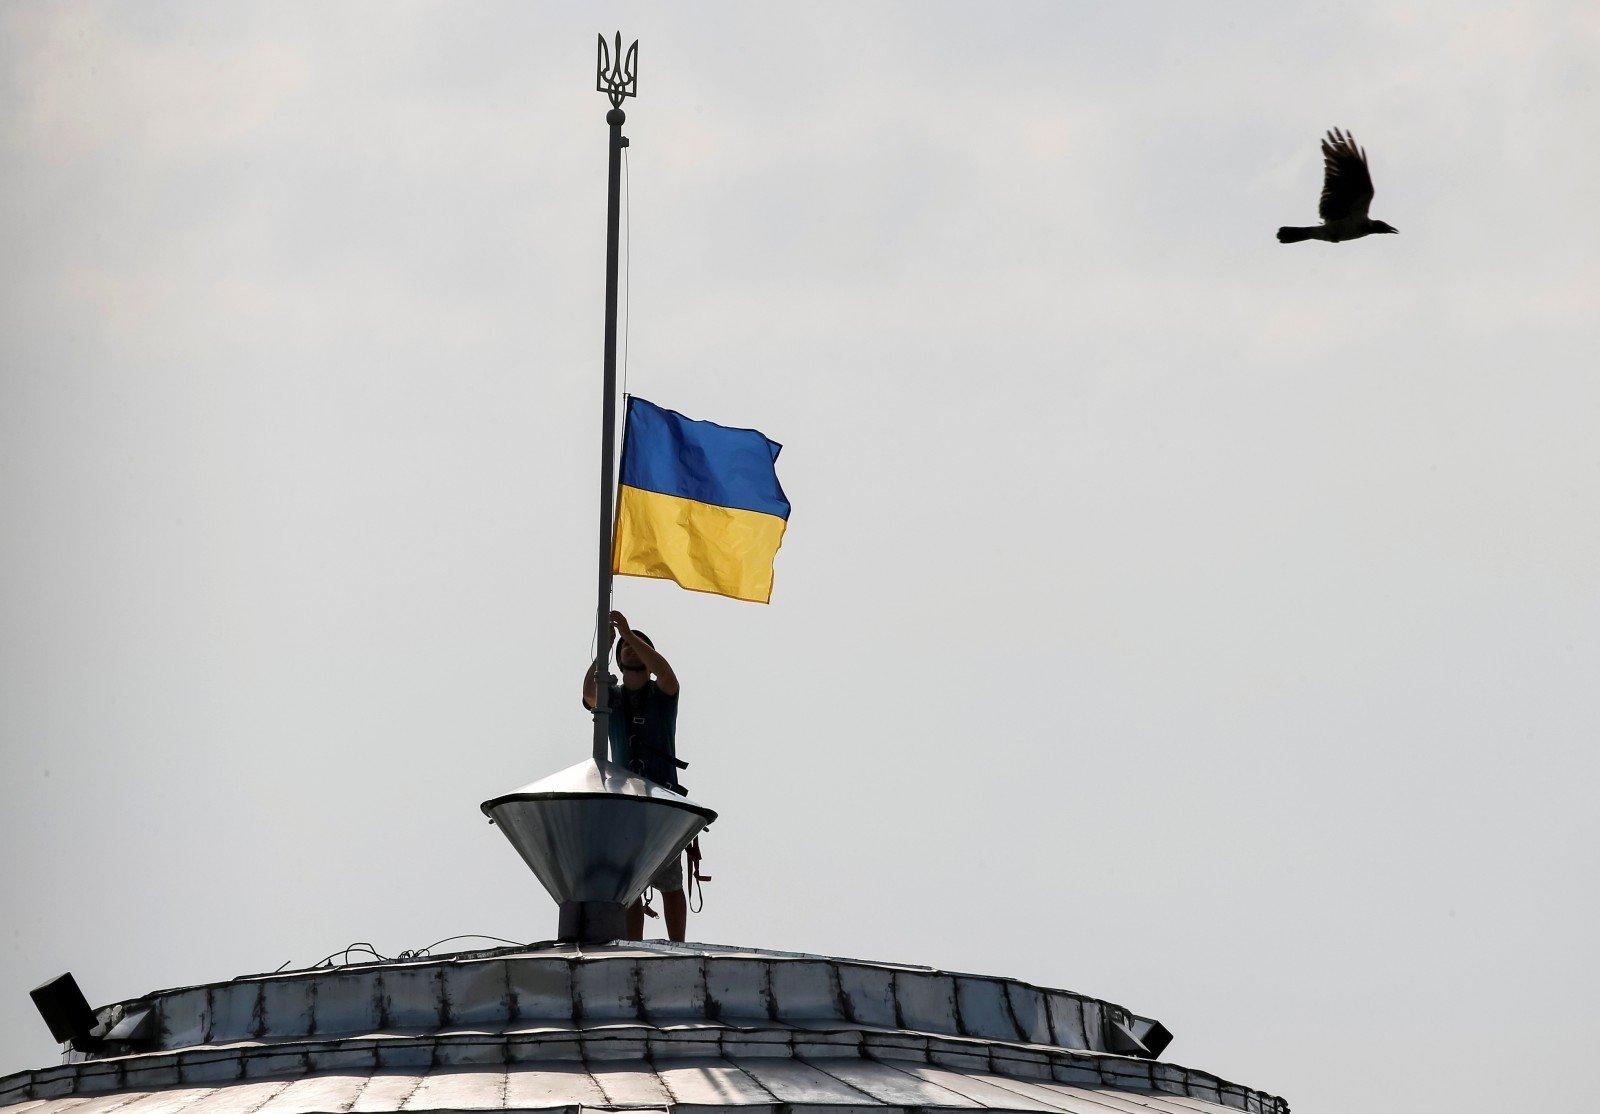 Украина подала вВТО иск против Российской Федерации из-за ограничения транзита